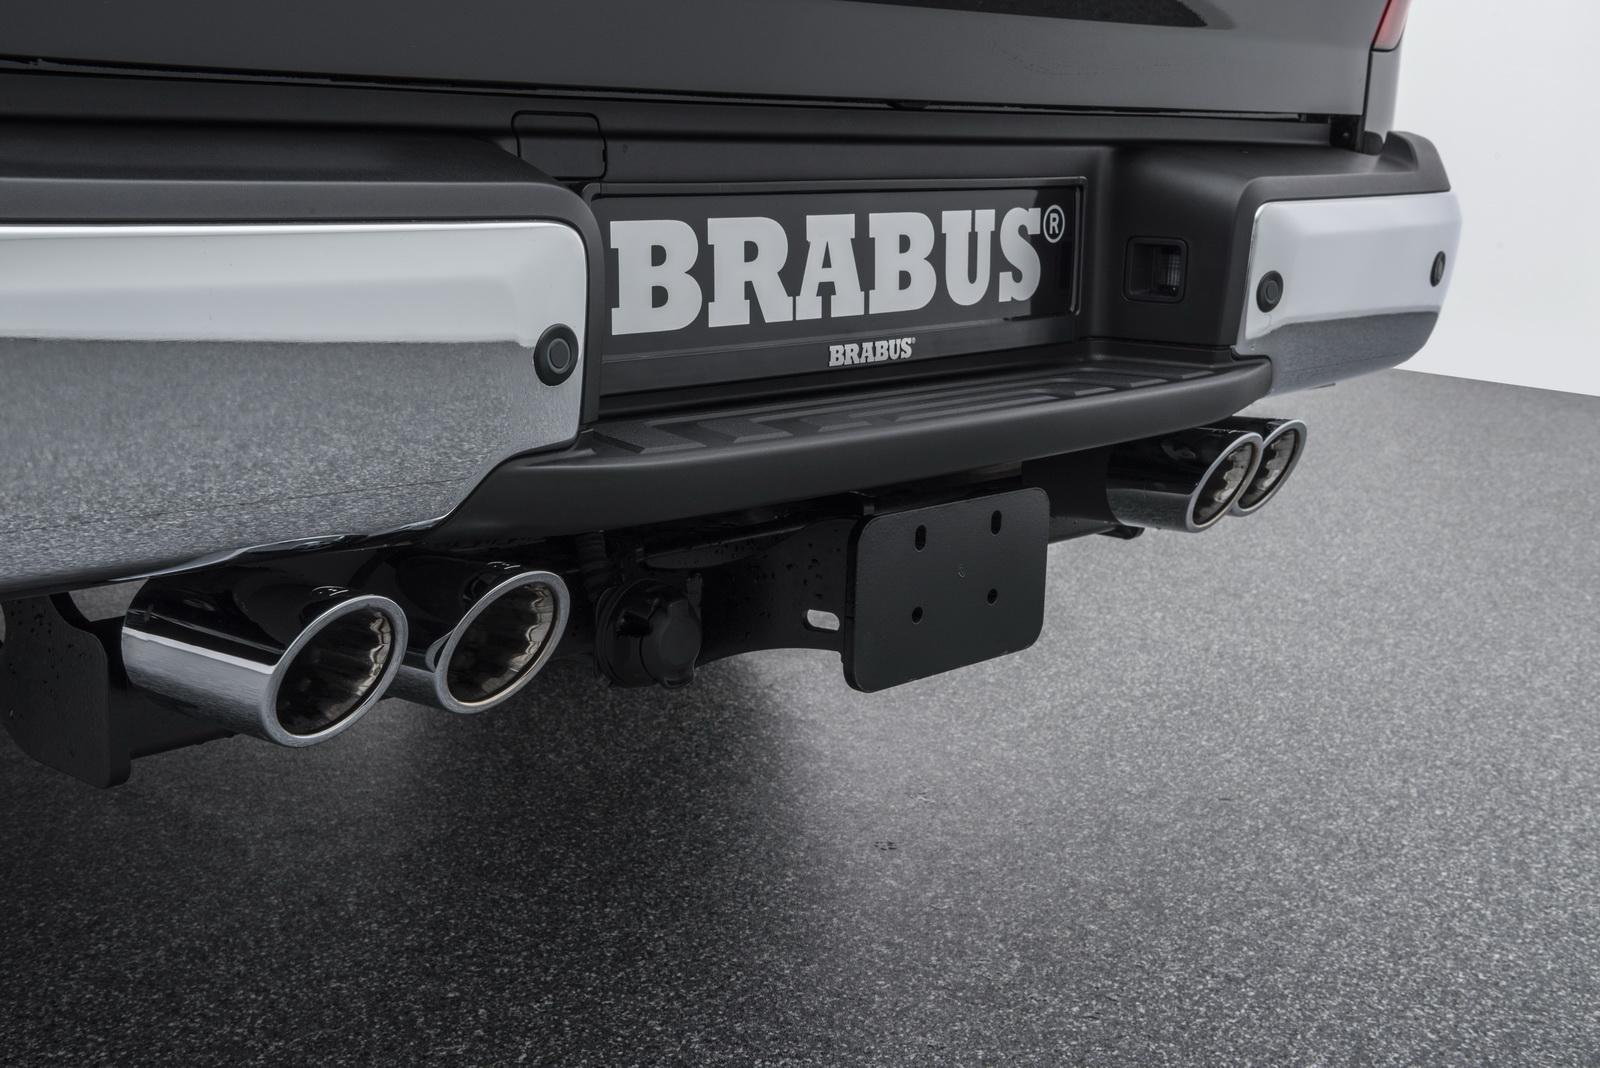 Для Mercedes X 250d Brabus разработали систему увеличения производительности D4 PowerXtra, повысив мощность 2,3-литрового турбодизеля на 21 л.с. и 60 Нм крутящего момента.